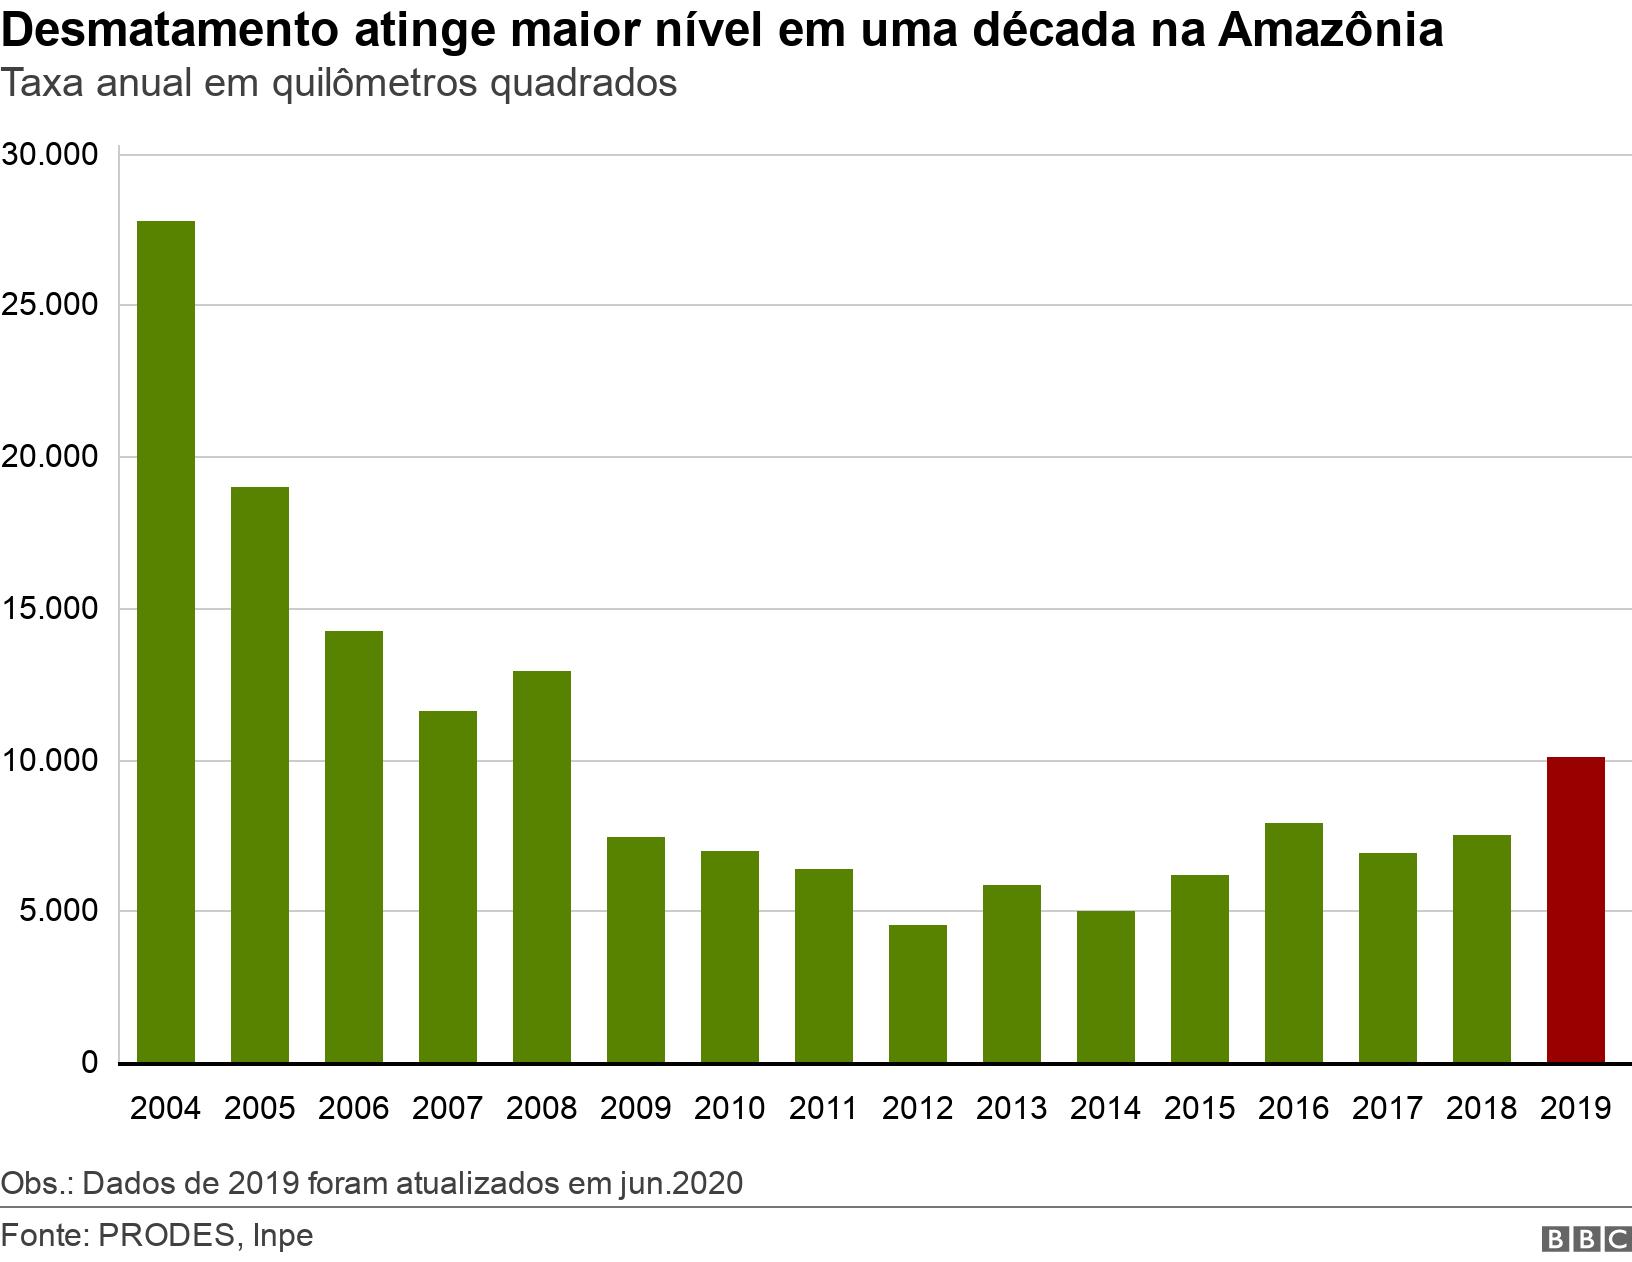 Desmatamento atinge maior nível em uma década na Amazônia. Taxa anual em quilômetros quadrados.  Obs.: Dados de 2019 foram atualizados em jun.2020.